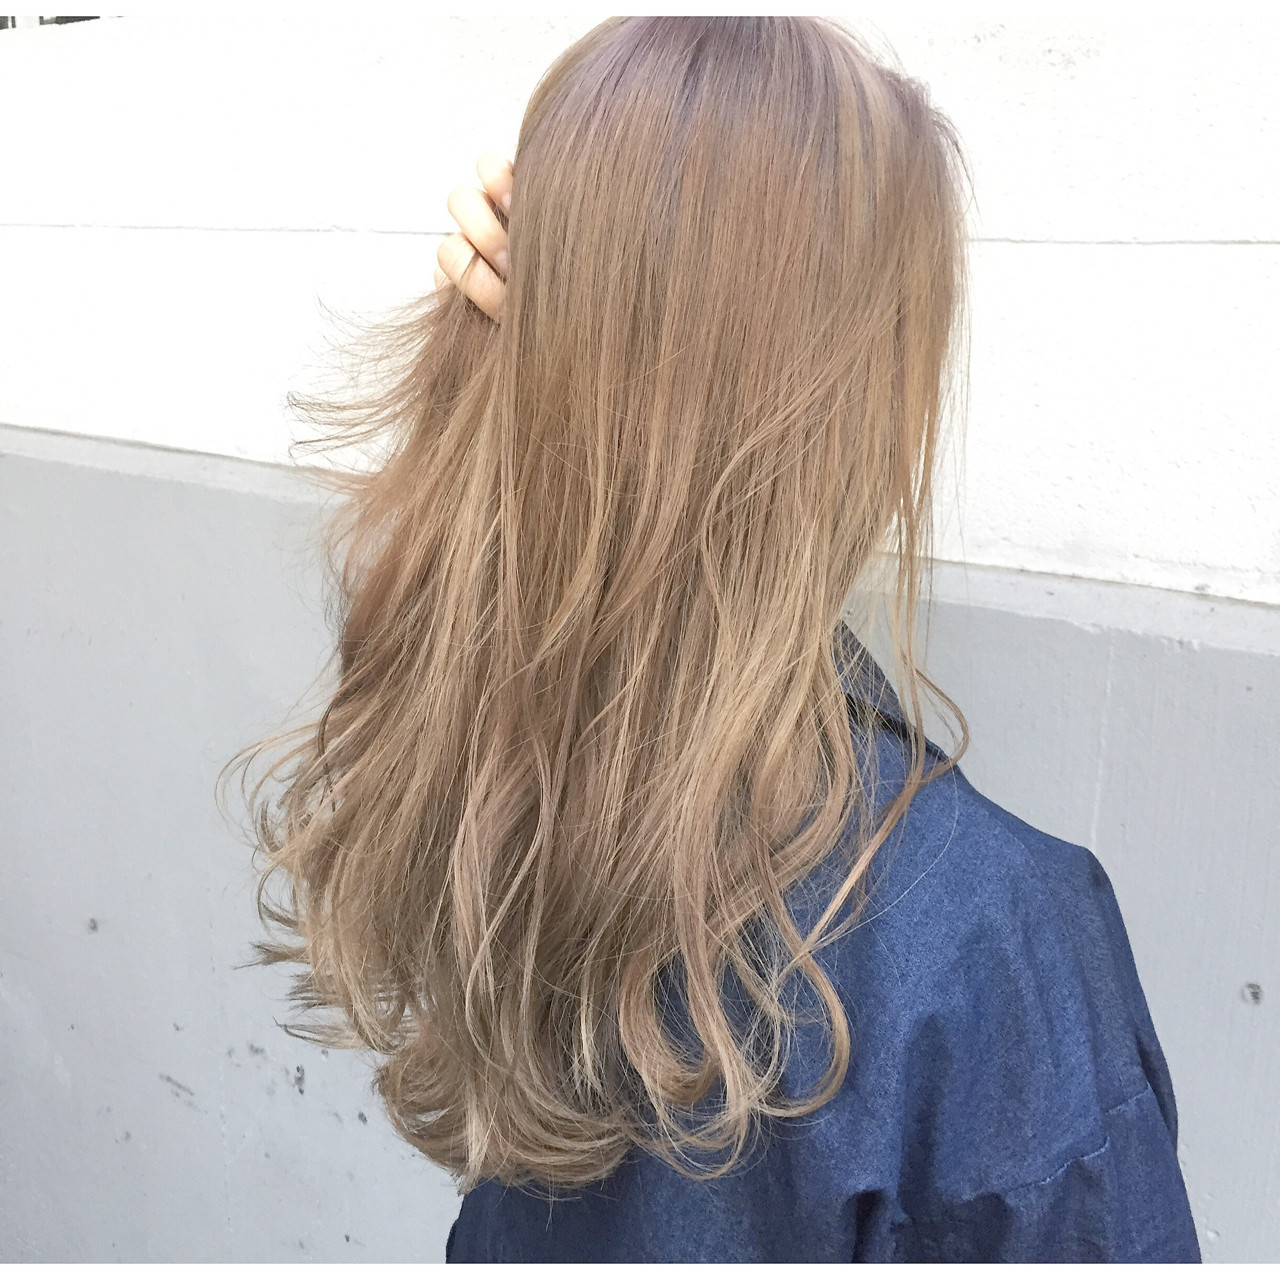 ラベンダーアッシュなら色気を感じるお姉さんヘアに 落合 健二